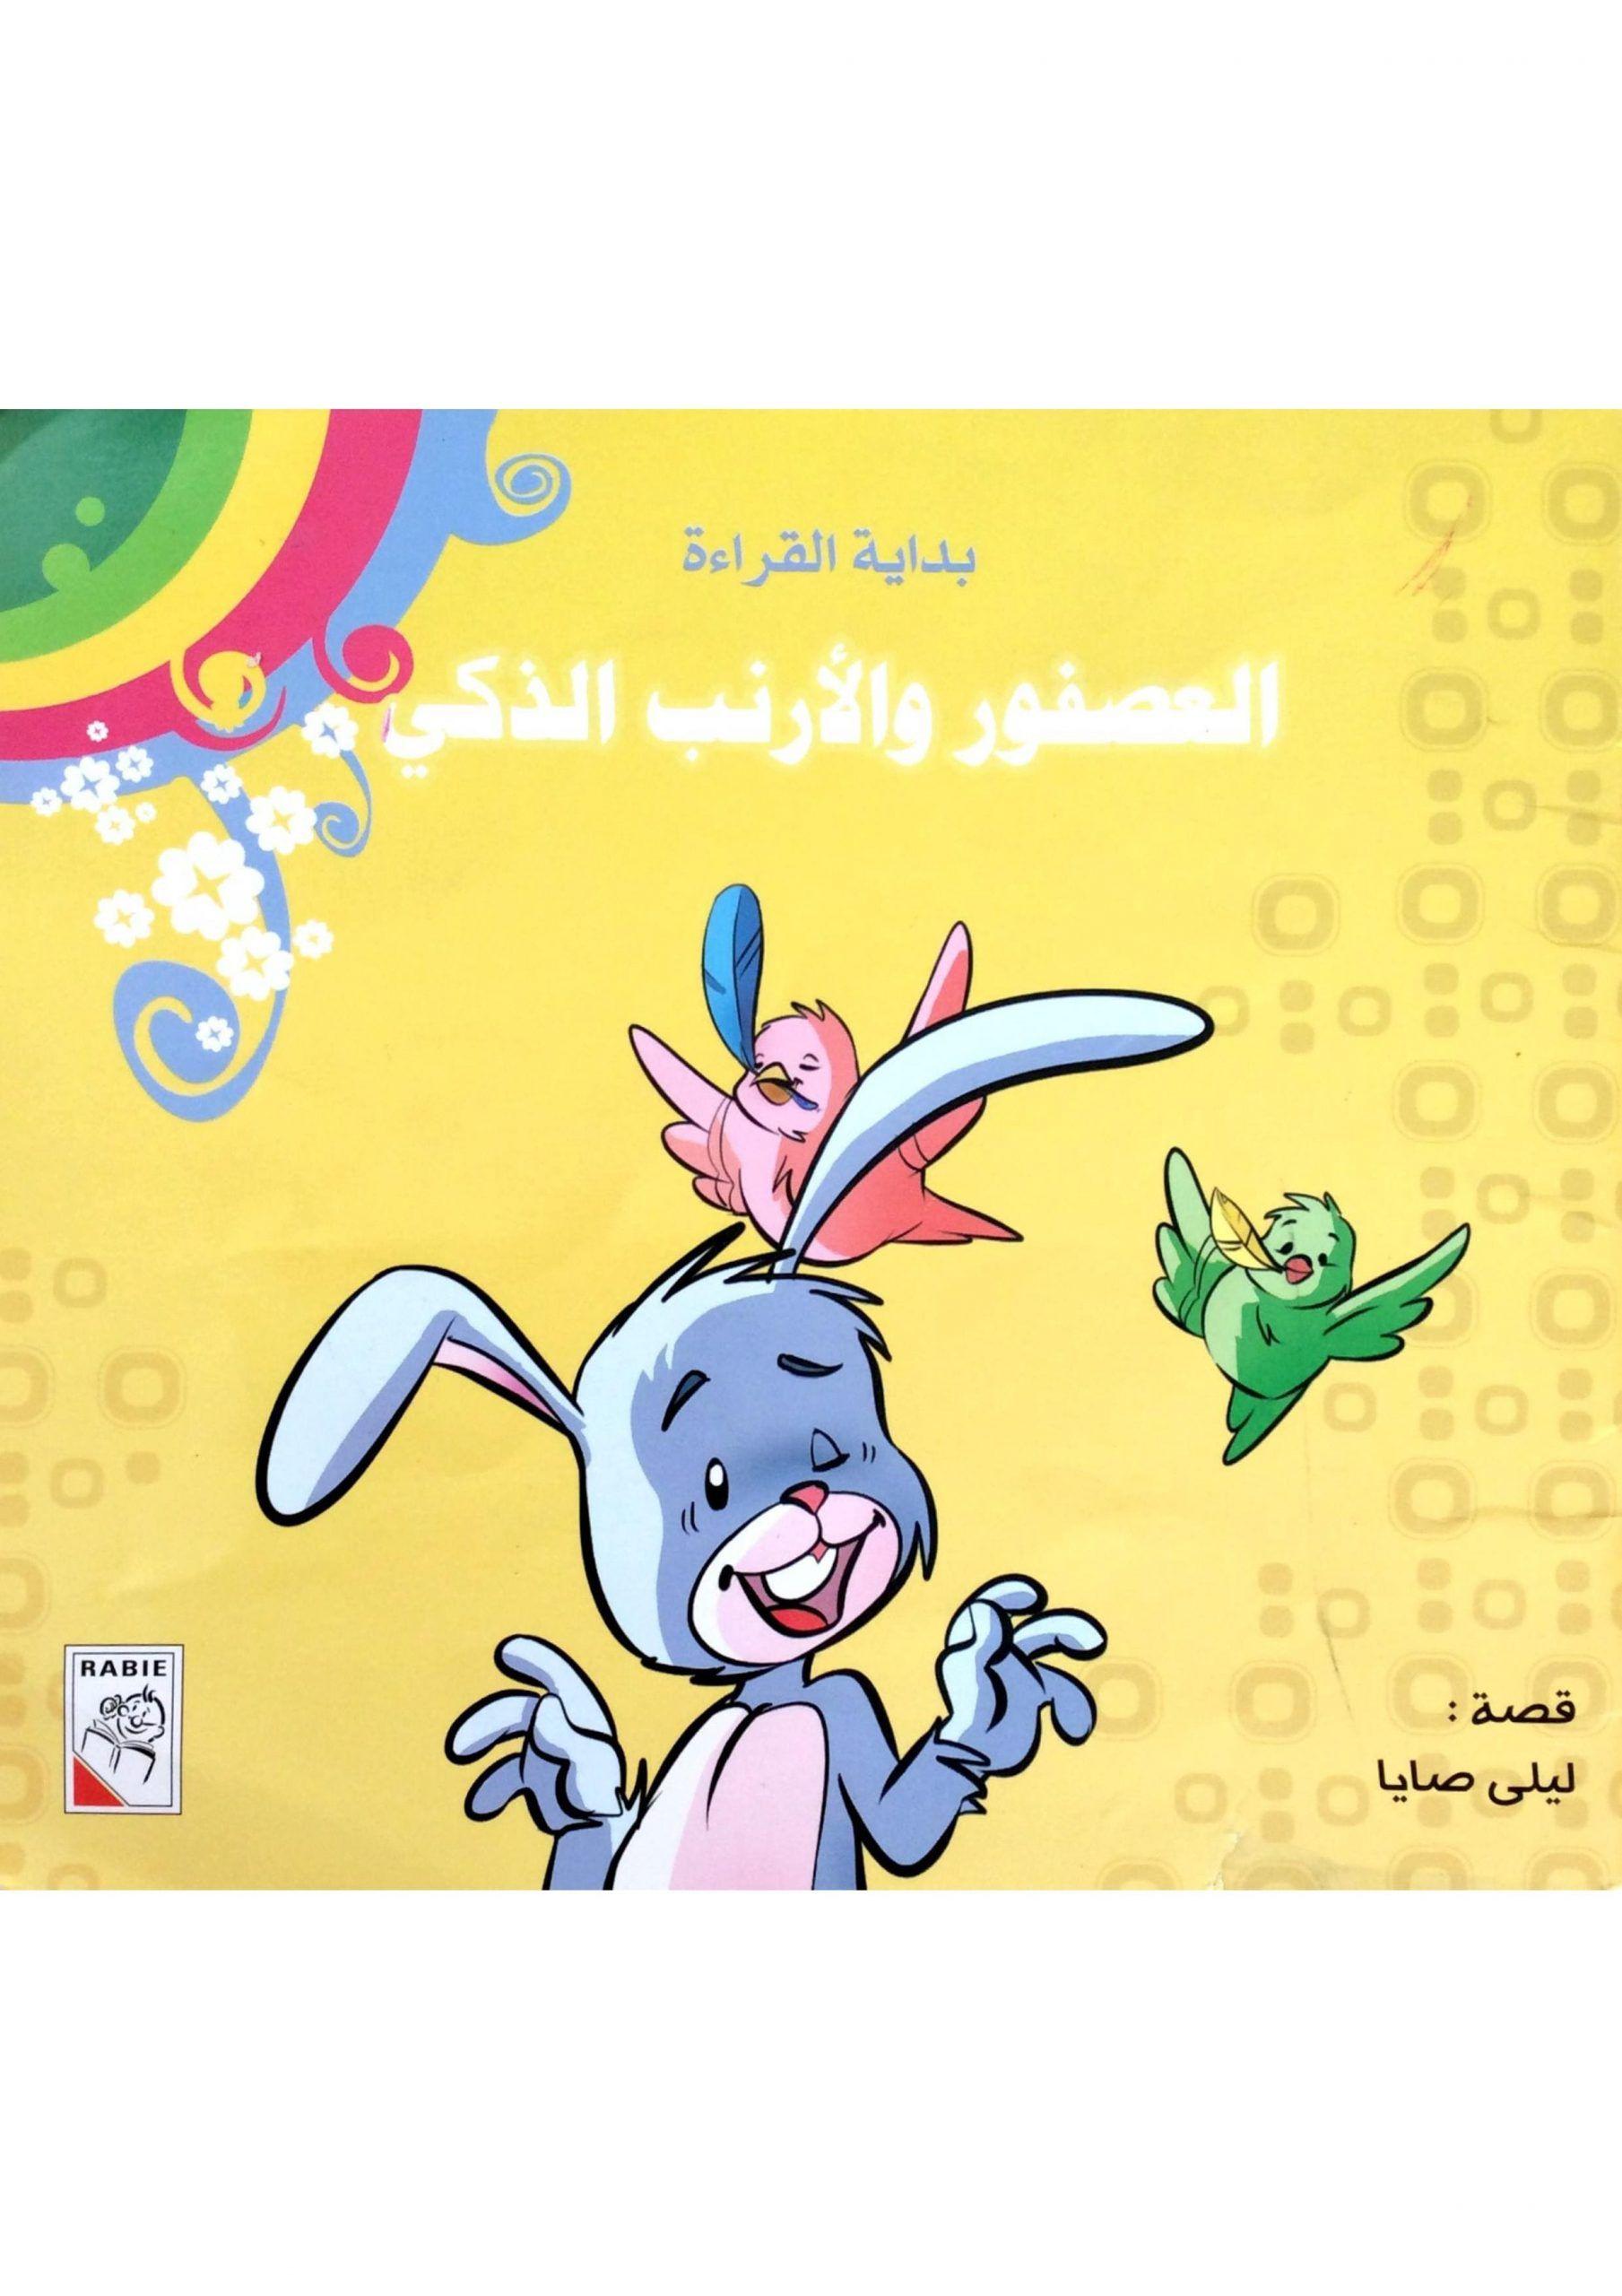 العصفور والارنب الذكي لتعليم الاطفال القراءة بطريقة ممتعة Fictional Characters Character Pikachu